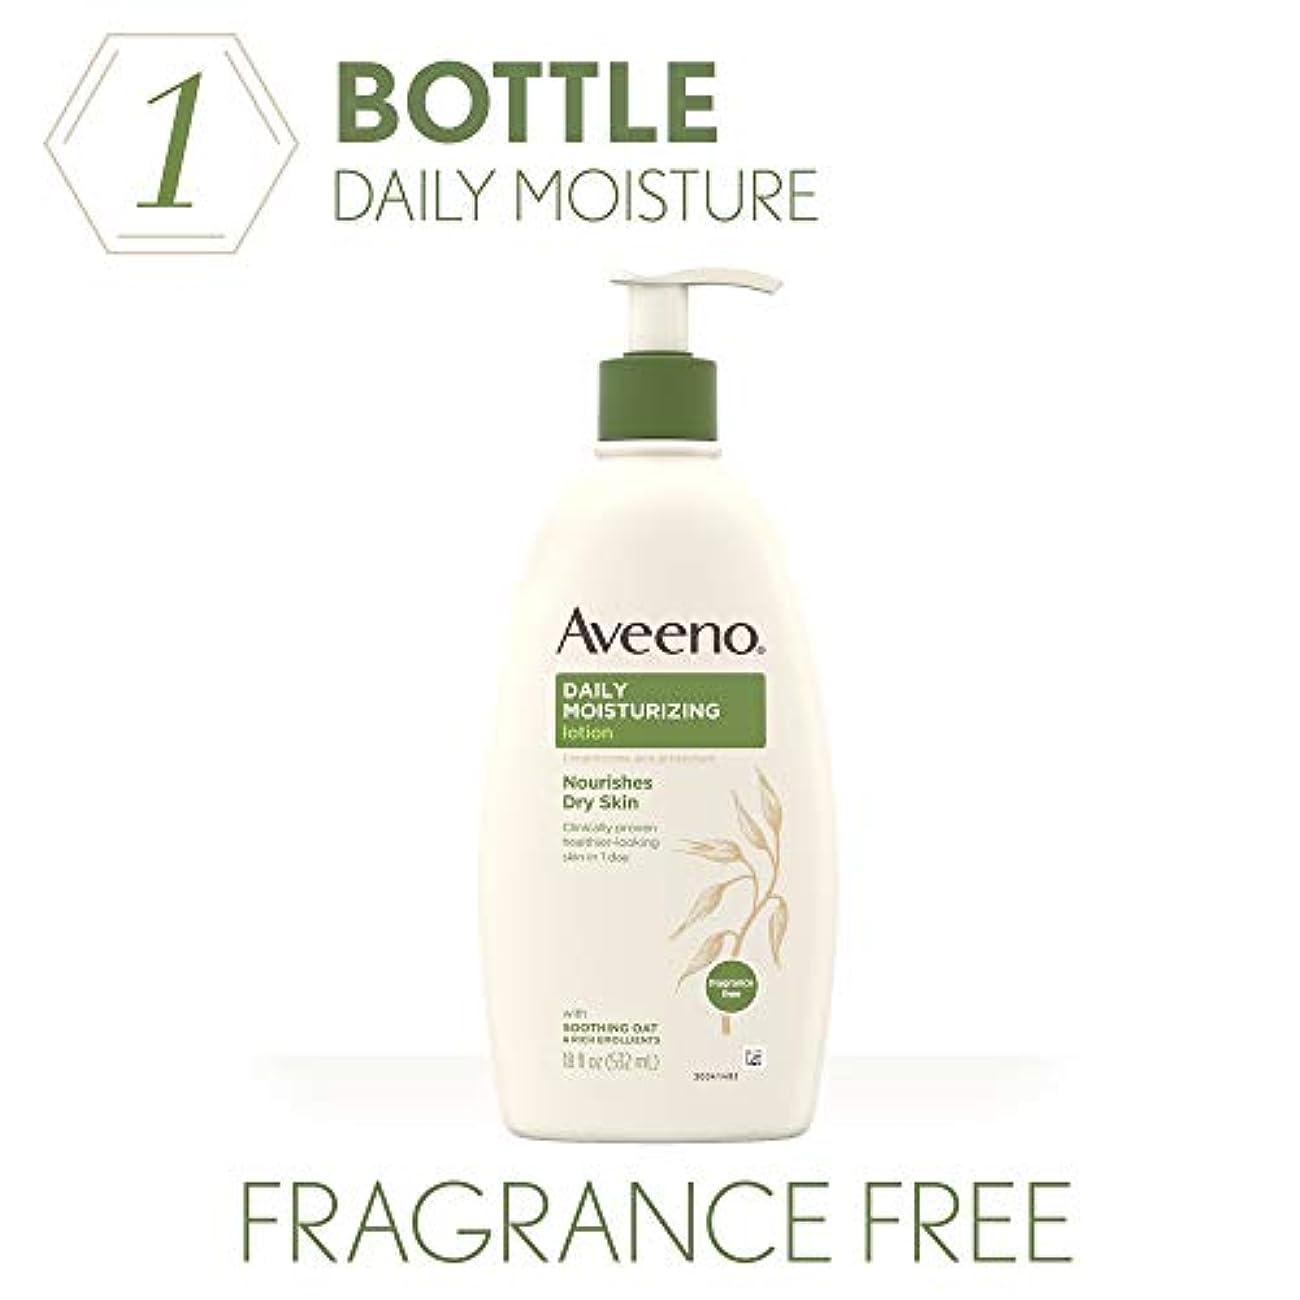 しないでくださいのスコアシチリアアビーノ アヴィーノ ナチュラルズ デイリーモイスチャライジングローション 530ml Aveeno Active Naturals Daily Moisturizing Lotion 530 ml (並行輸入品)